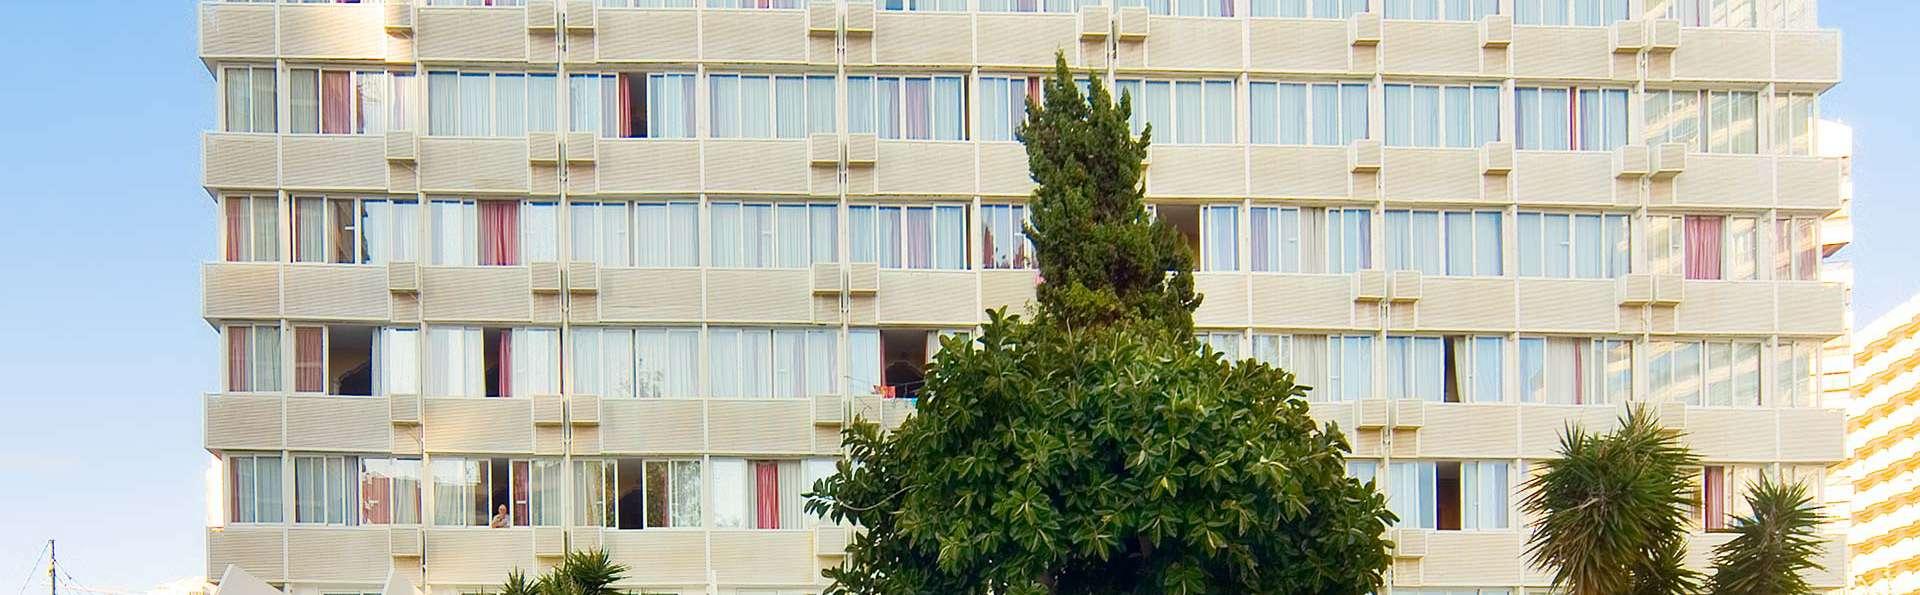 Magic Villa de Benidorm - EDIT_FRONT_01.jpg